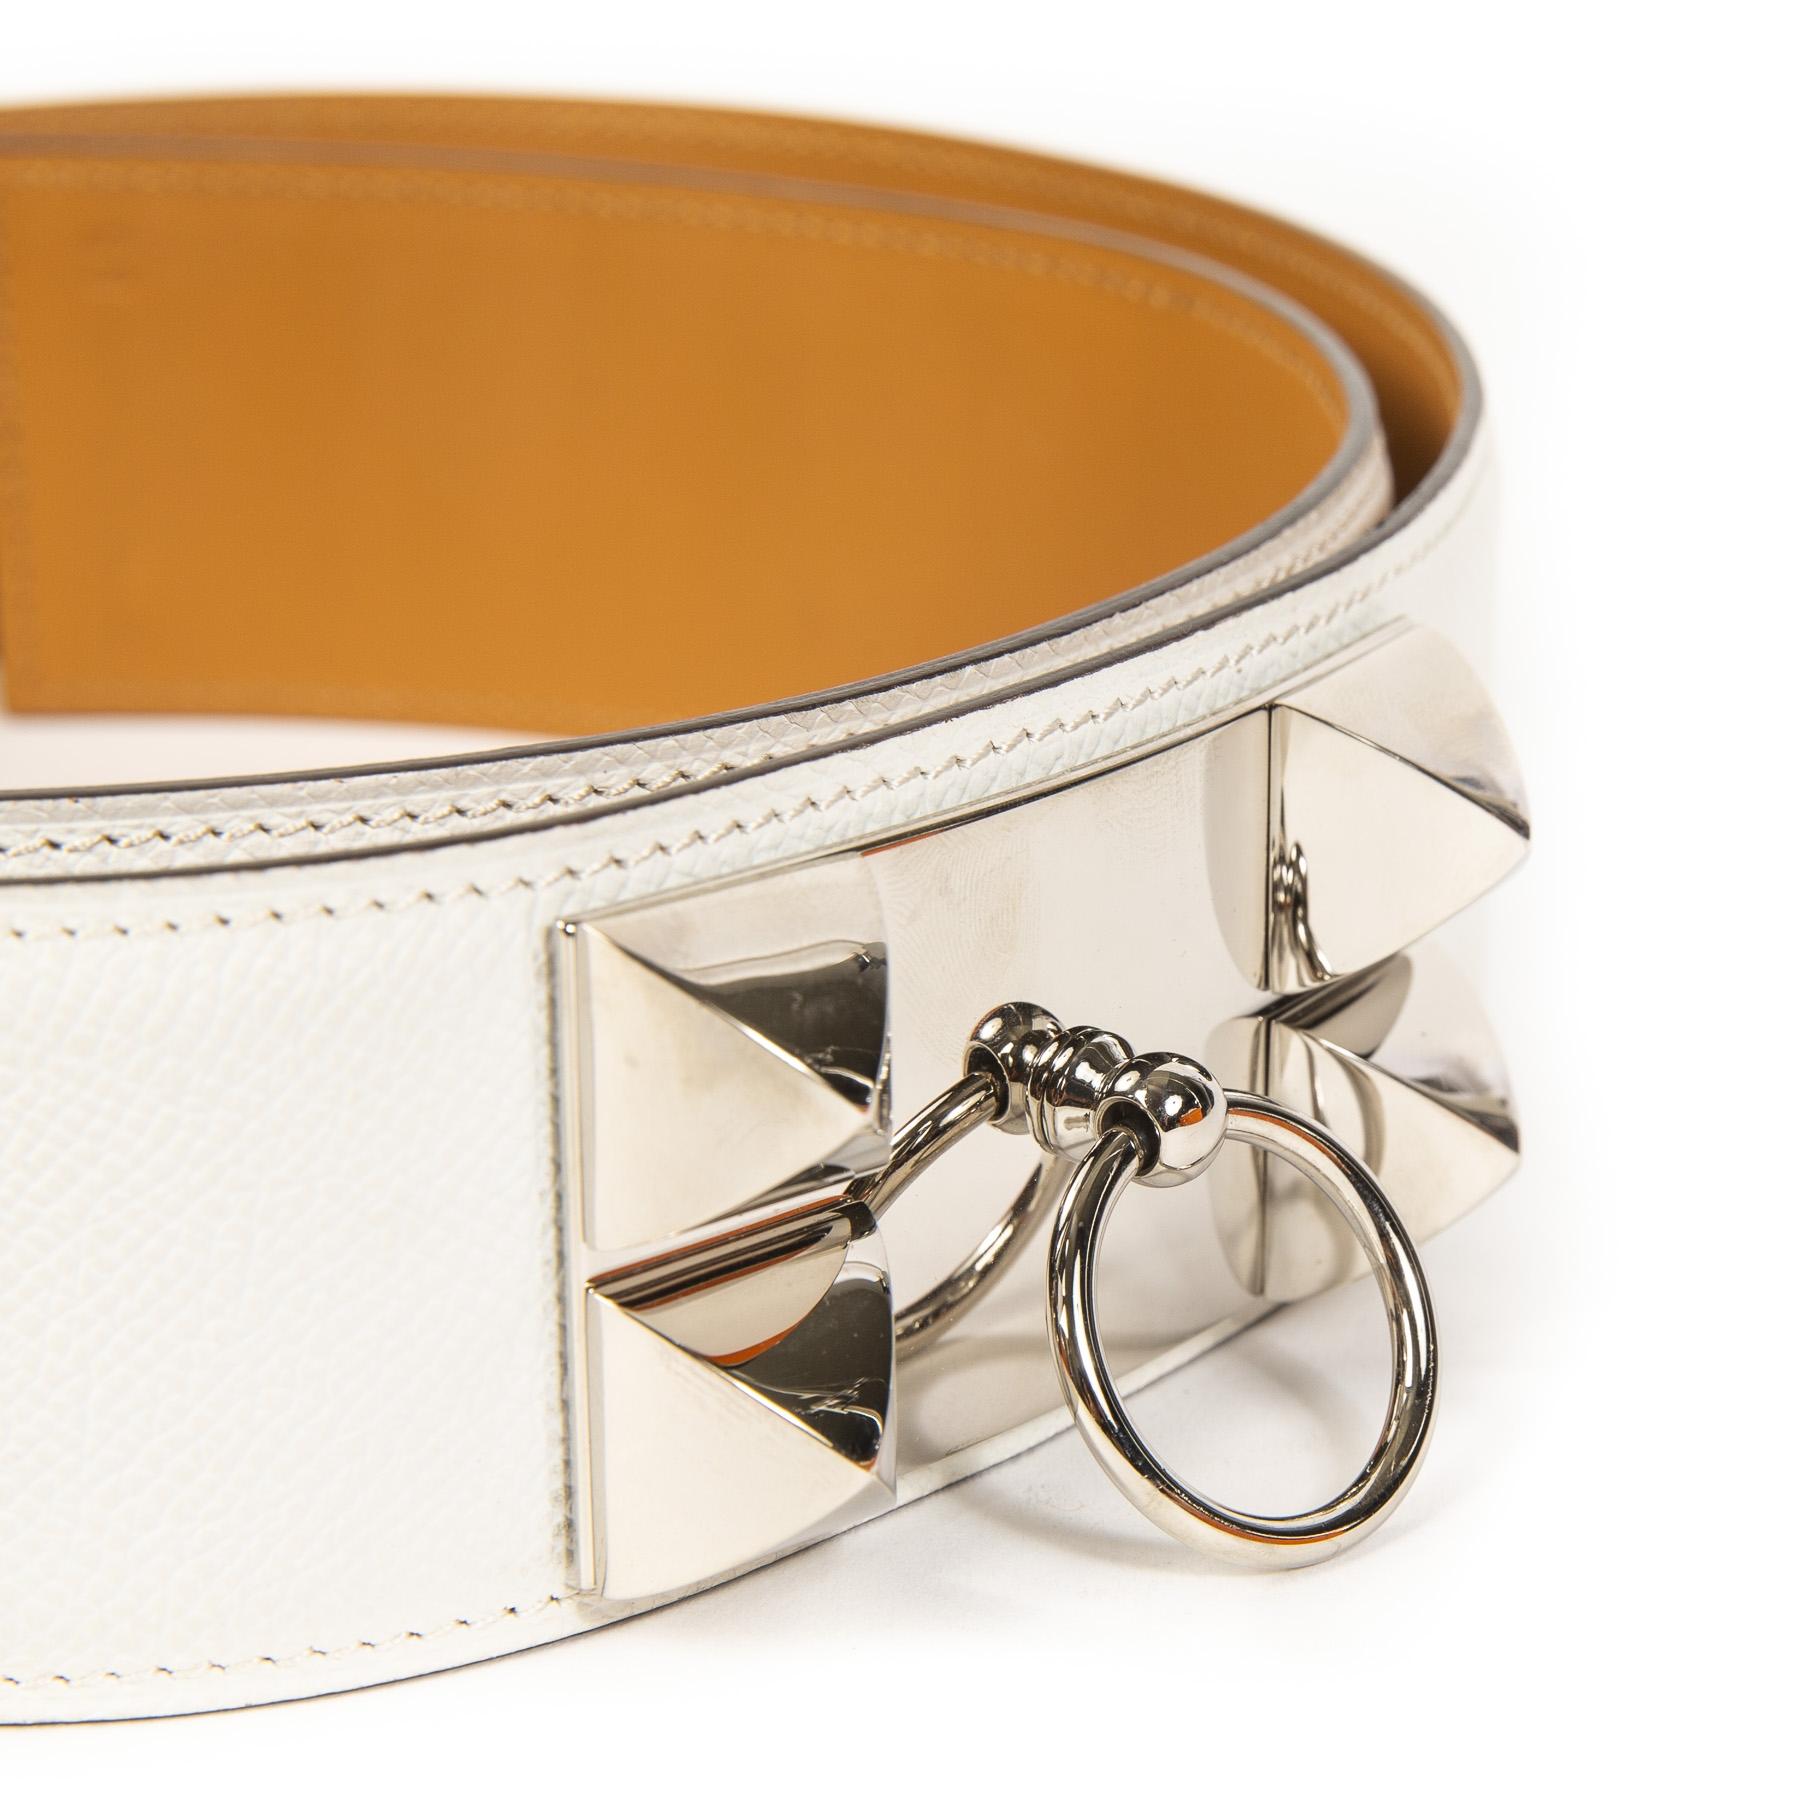 Authentieke Tweedehands Rare Hermès White Collier De Chien Belt juiste prijs veilig online shoppen luxe merken webshop winkelen Antwerpen België mode fashion